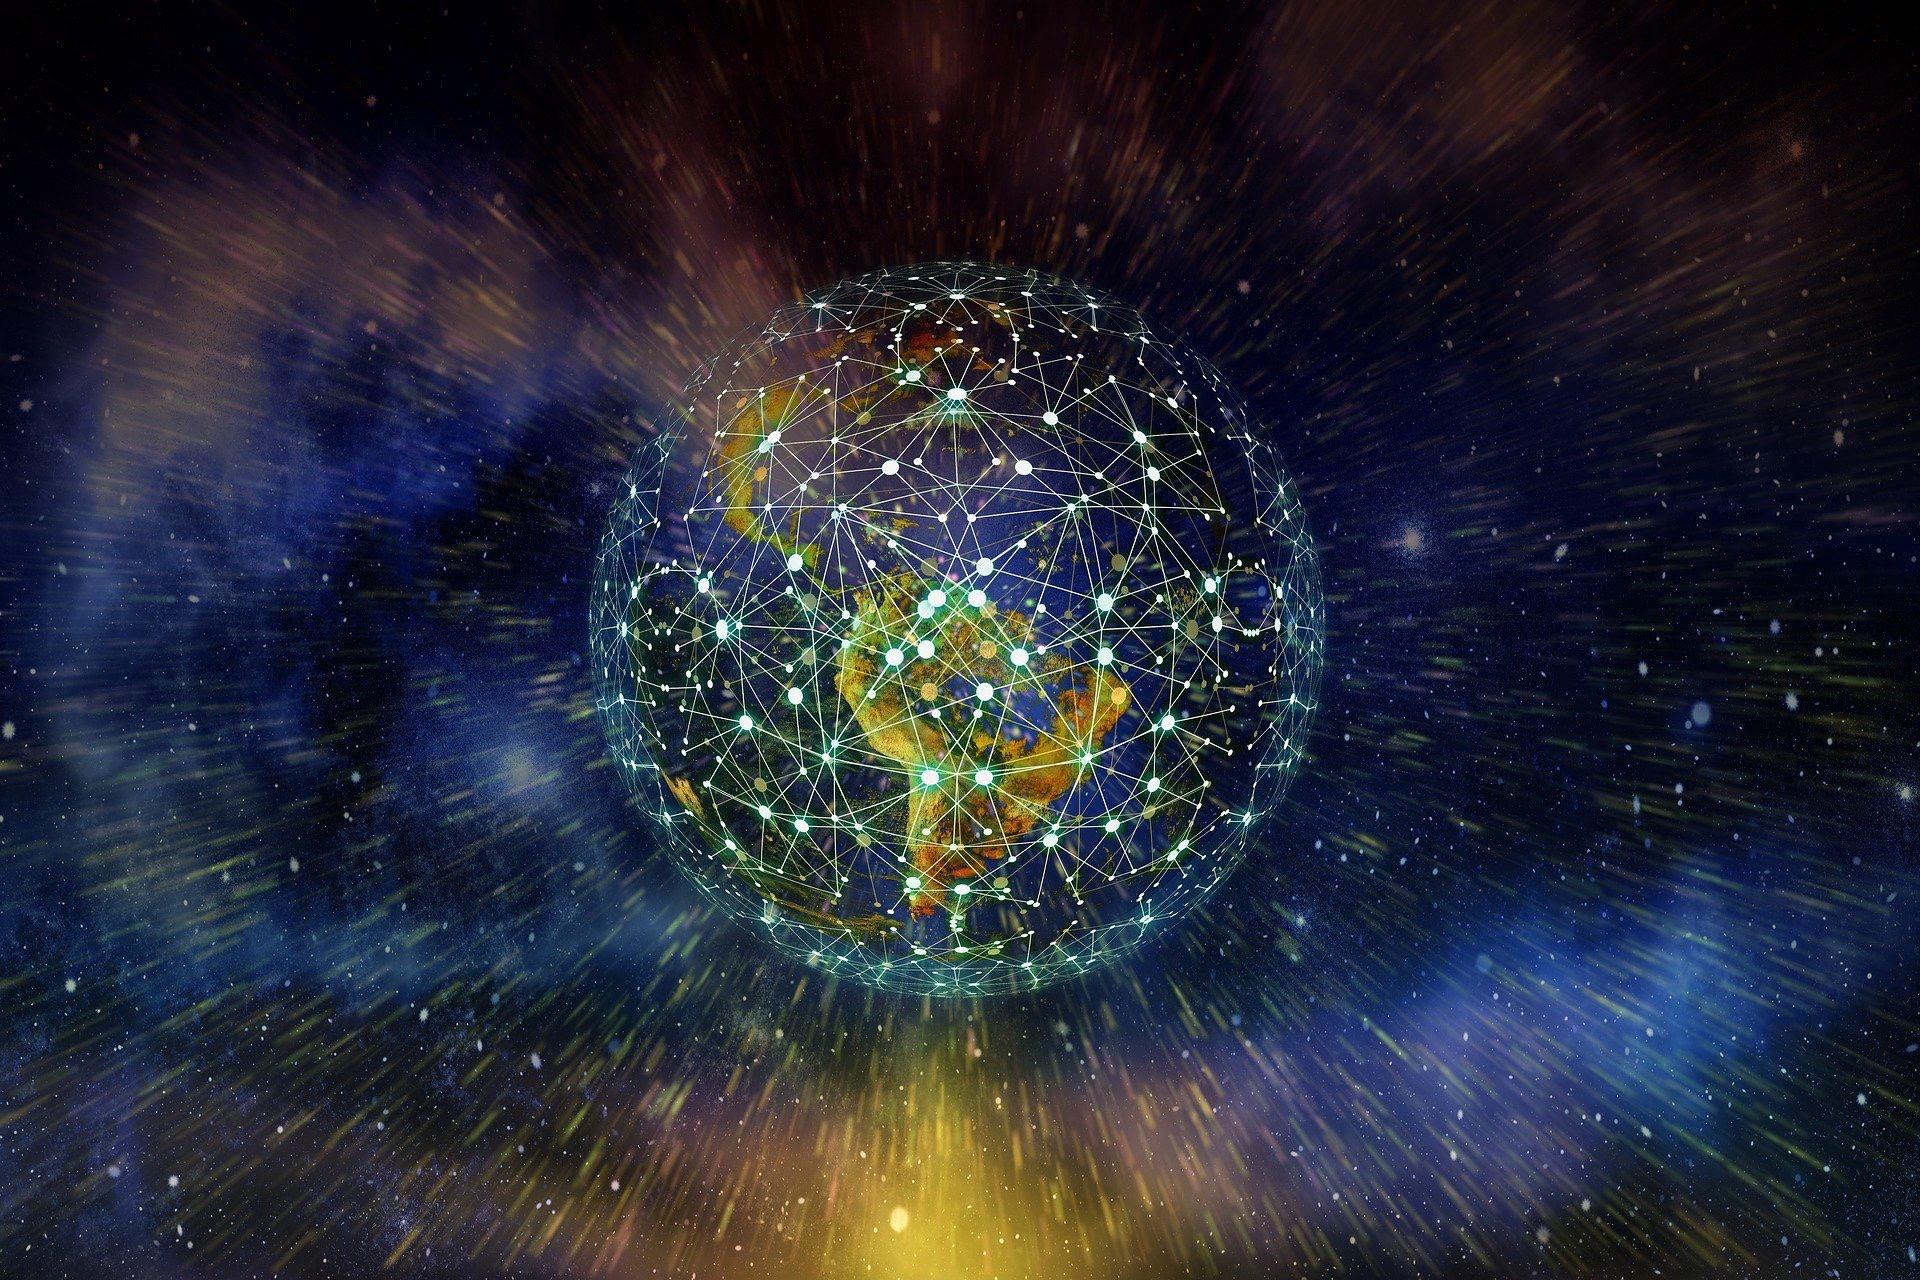 曼荼羅の意味は果てしない癒しの世界だったというお話